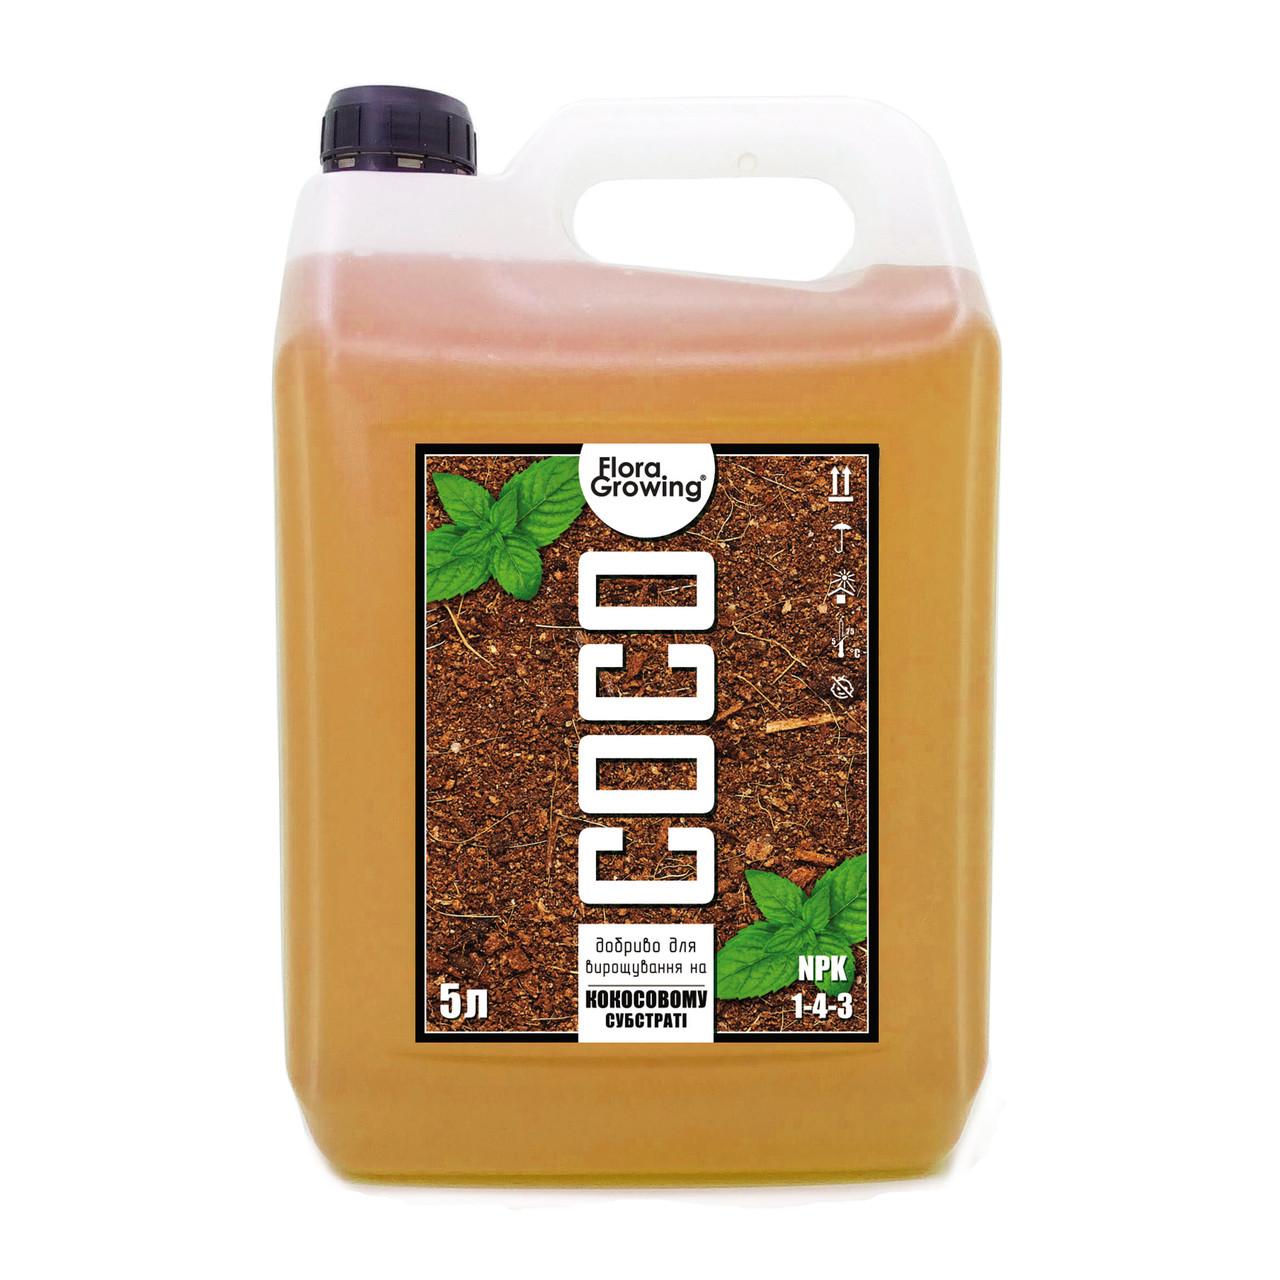 5 л Удобрение Coco для выращивания на кокосовом субстрате аналог GHE